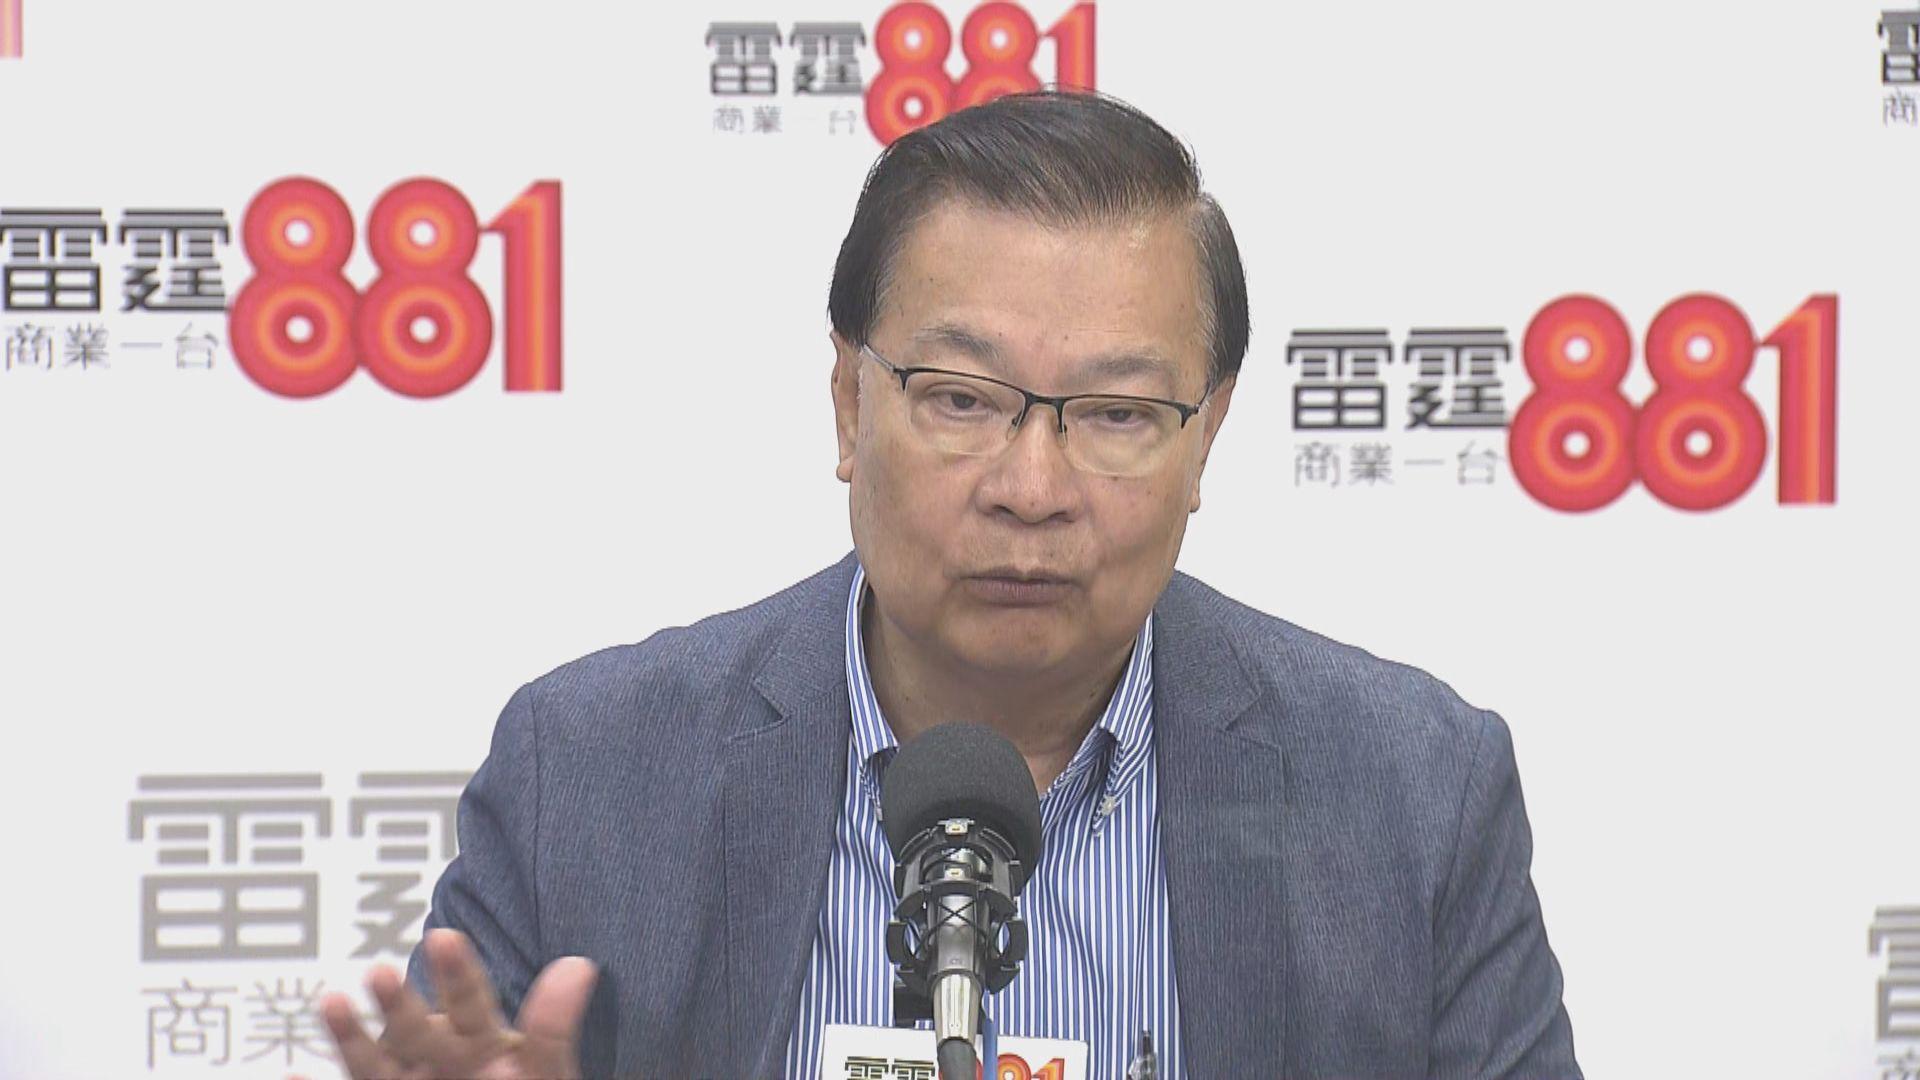 譚耀宗:歐美關注逃犯條例修訂涉政治考慮